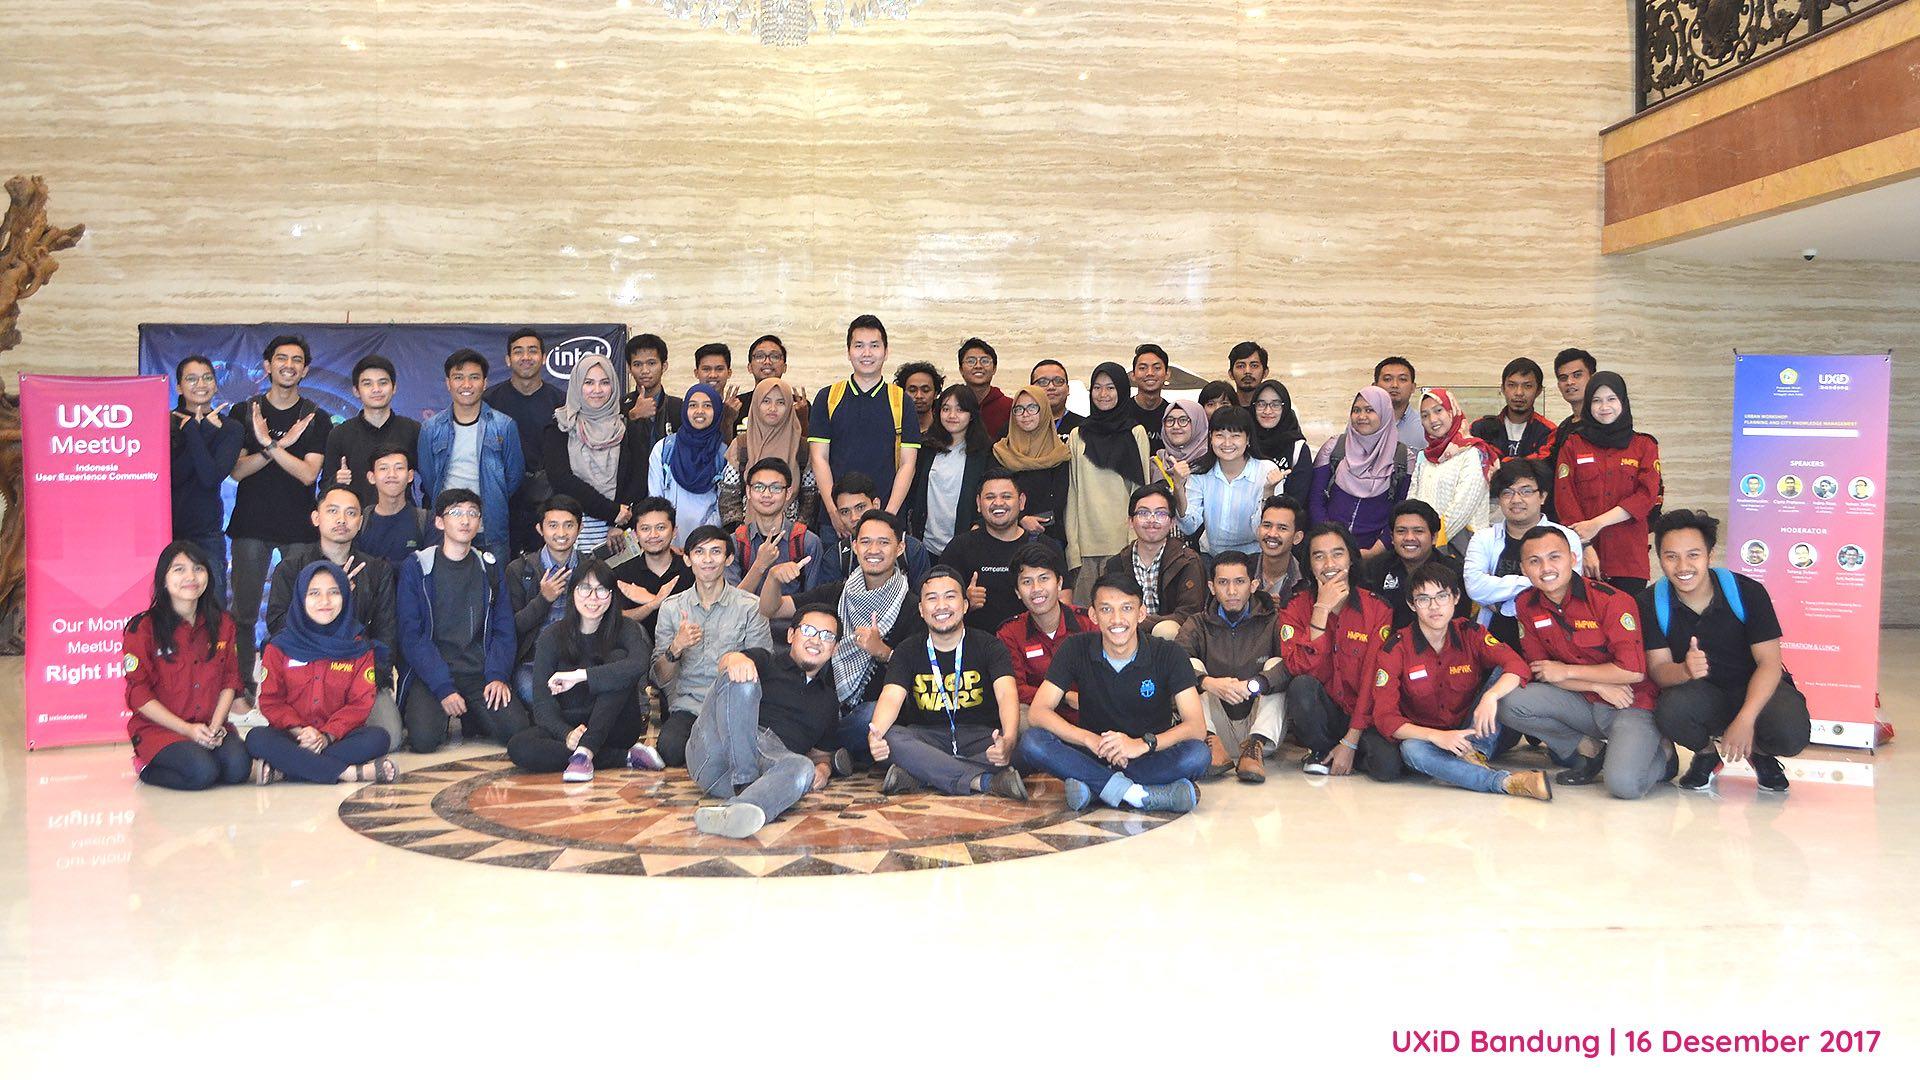 UXiD-Bandung 16-Desember-2017